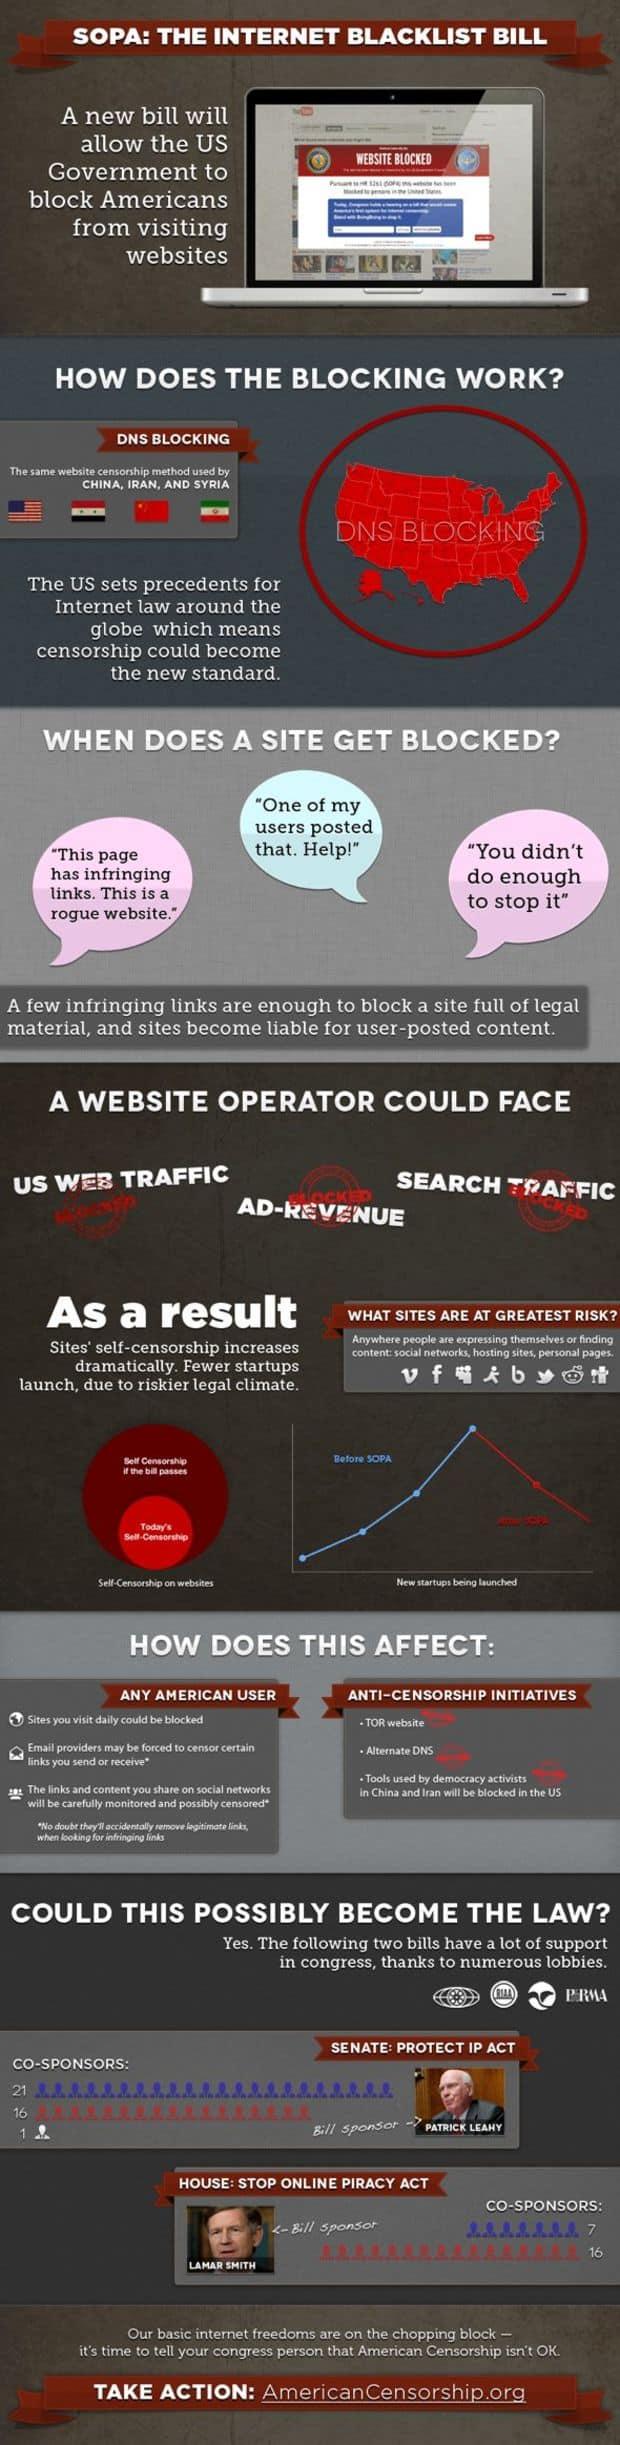 Internet Blacklist Bill Infographic